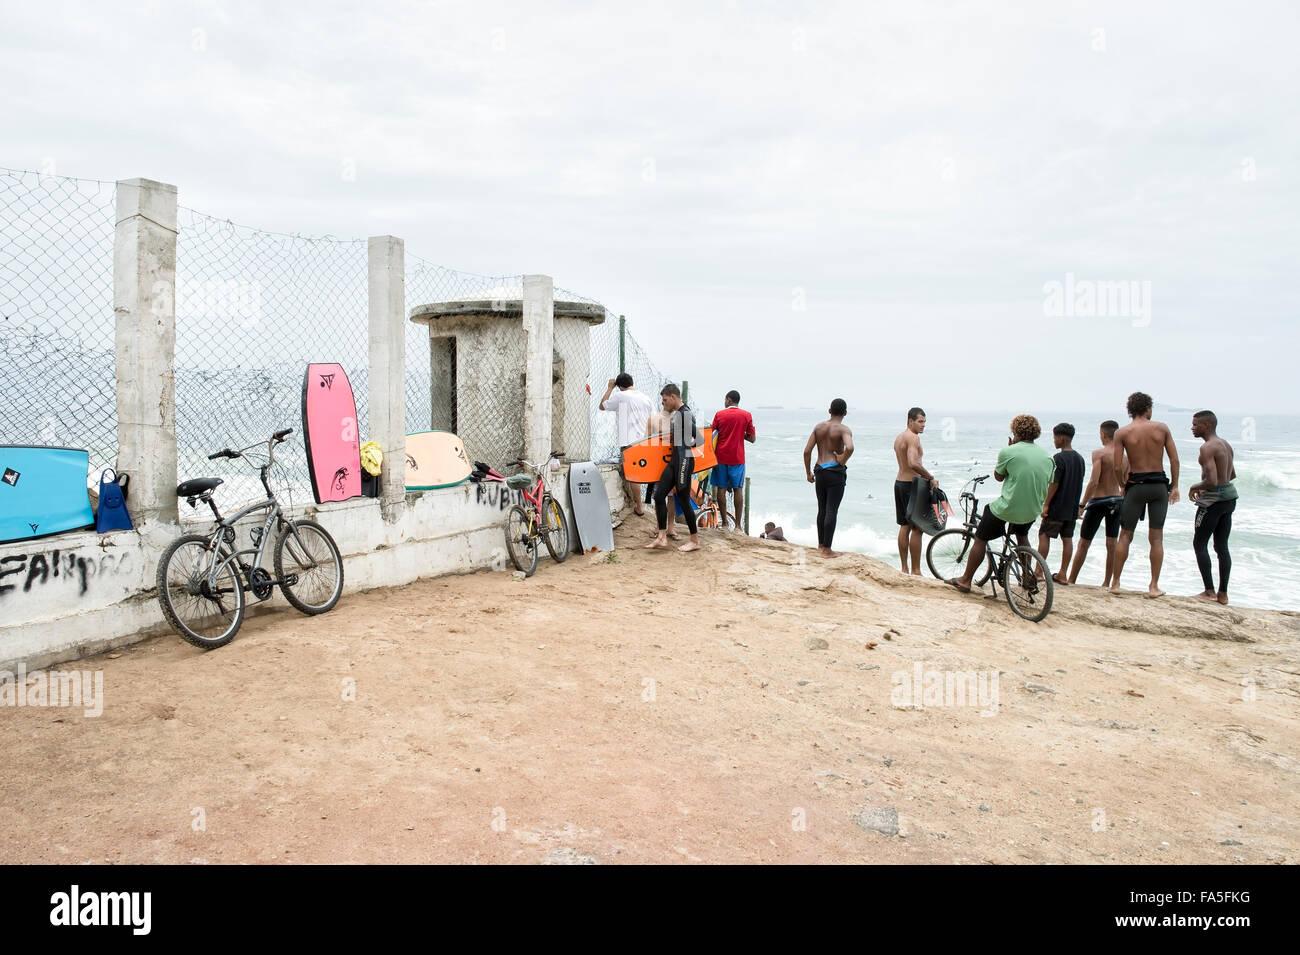 Río de Janeiro, Brasil - 22 de octubre de 2015: el joven surfista brasileño mirando en la entrada de las Imagen De Stock